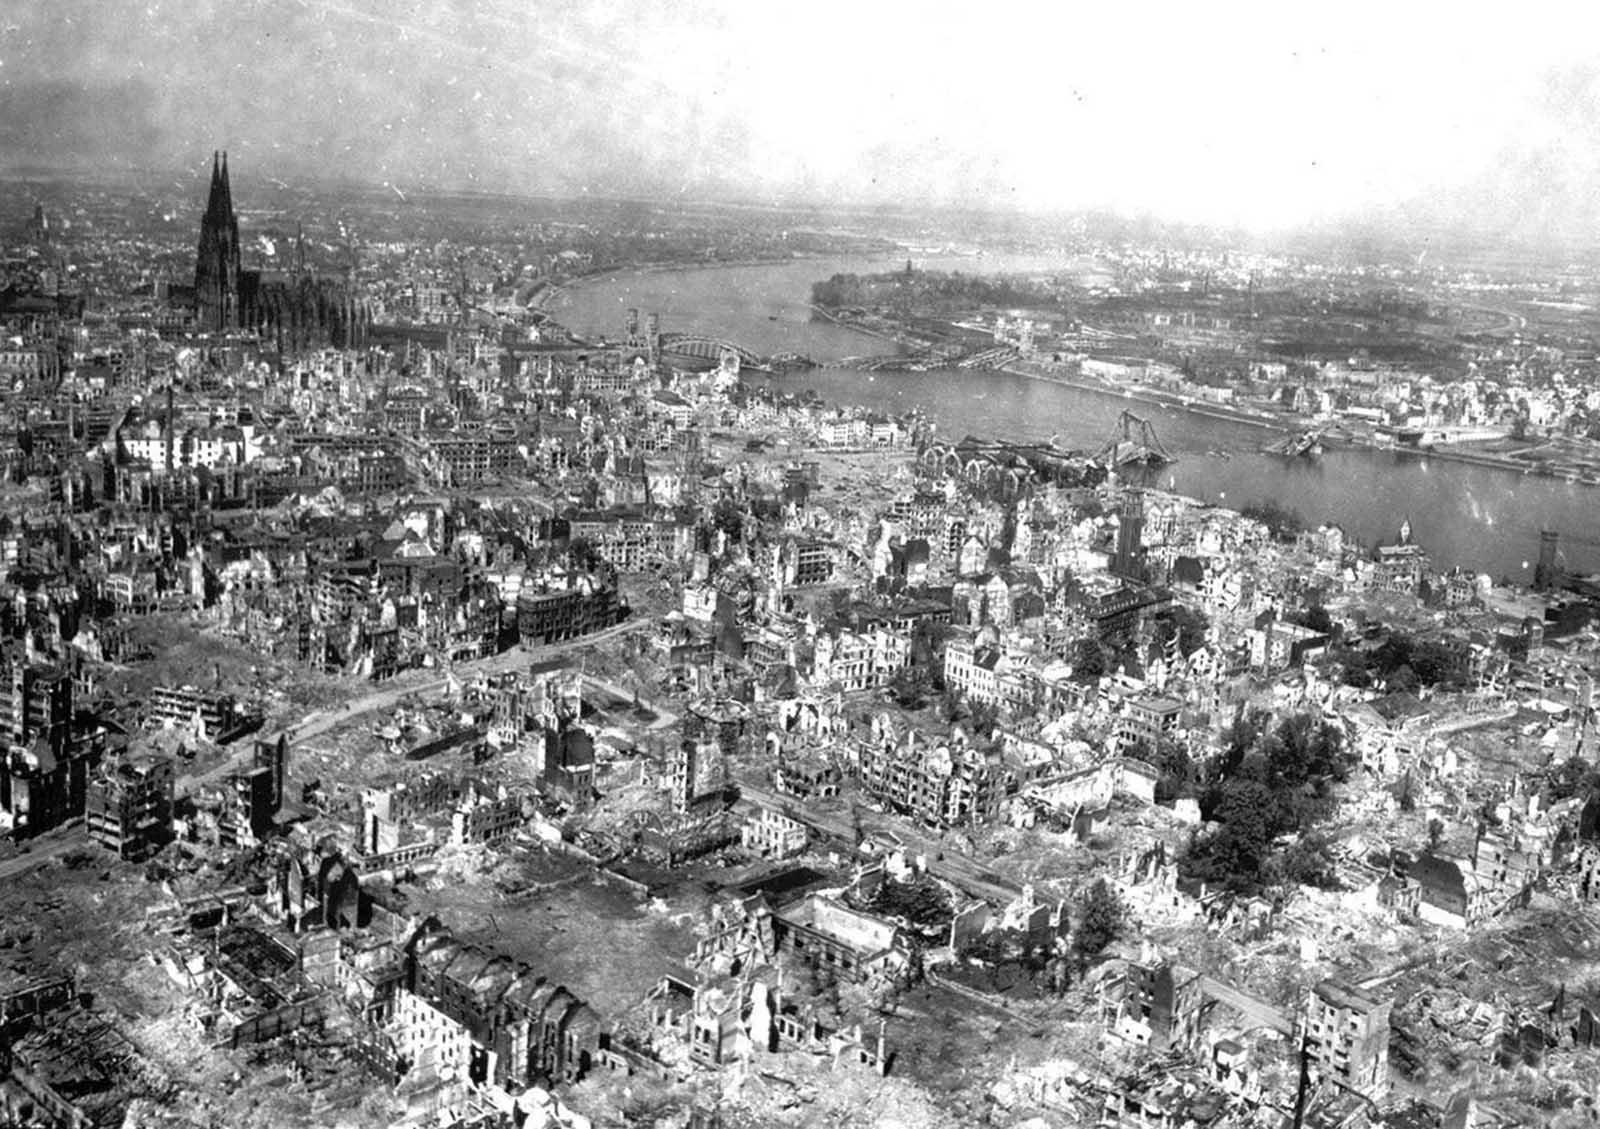 Last_days_of_Nazi_Germany (24).jpg